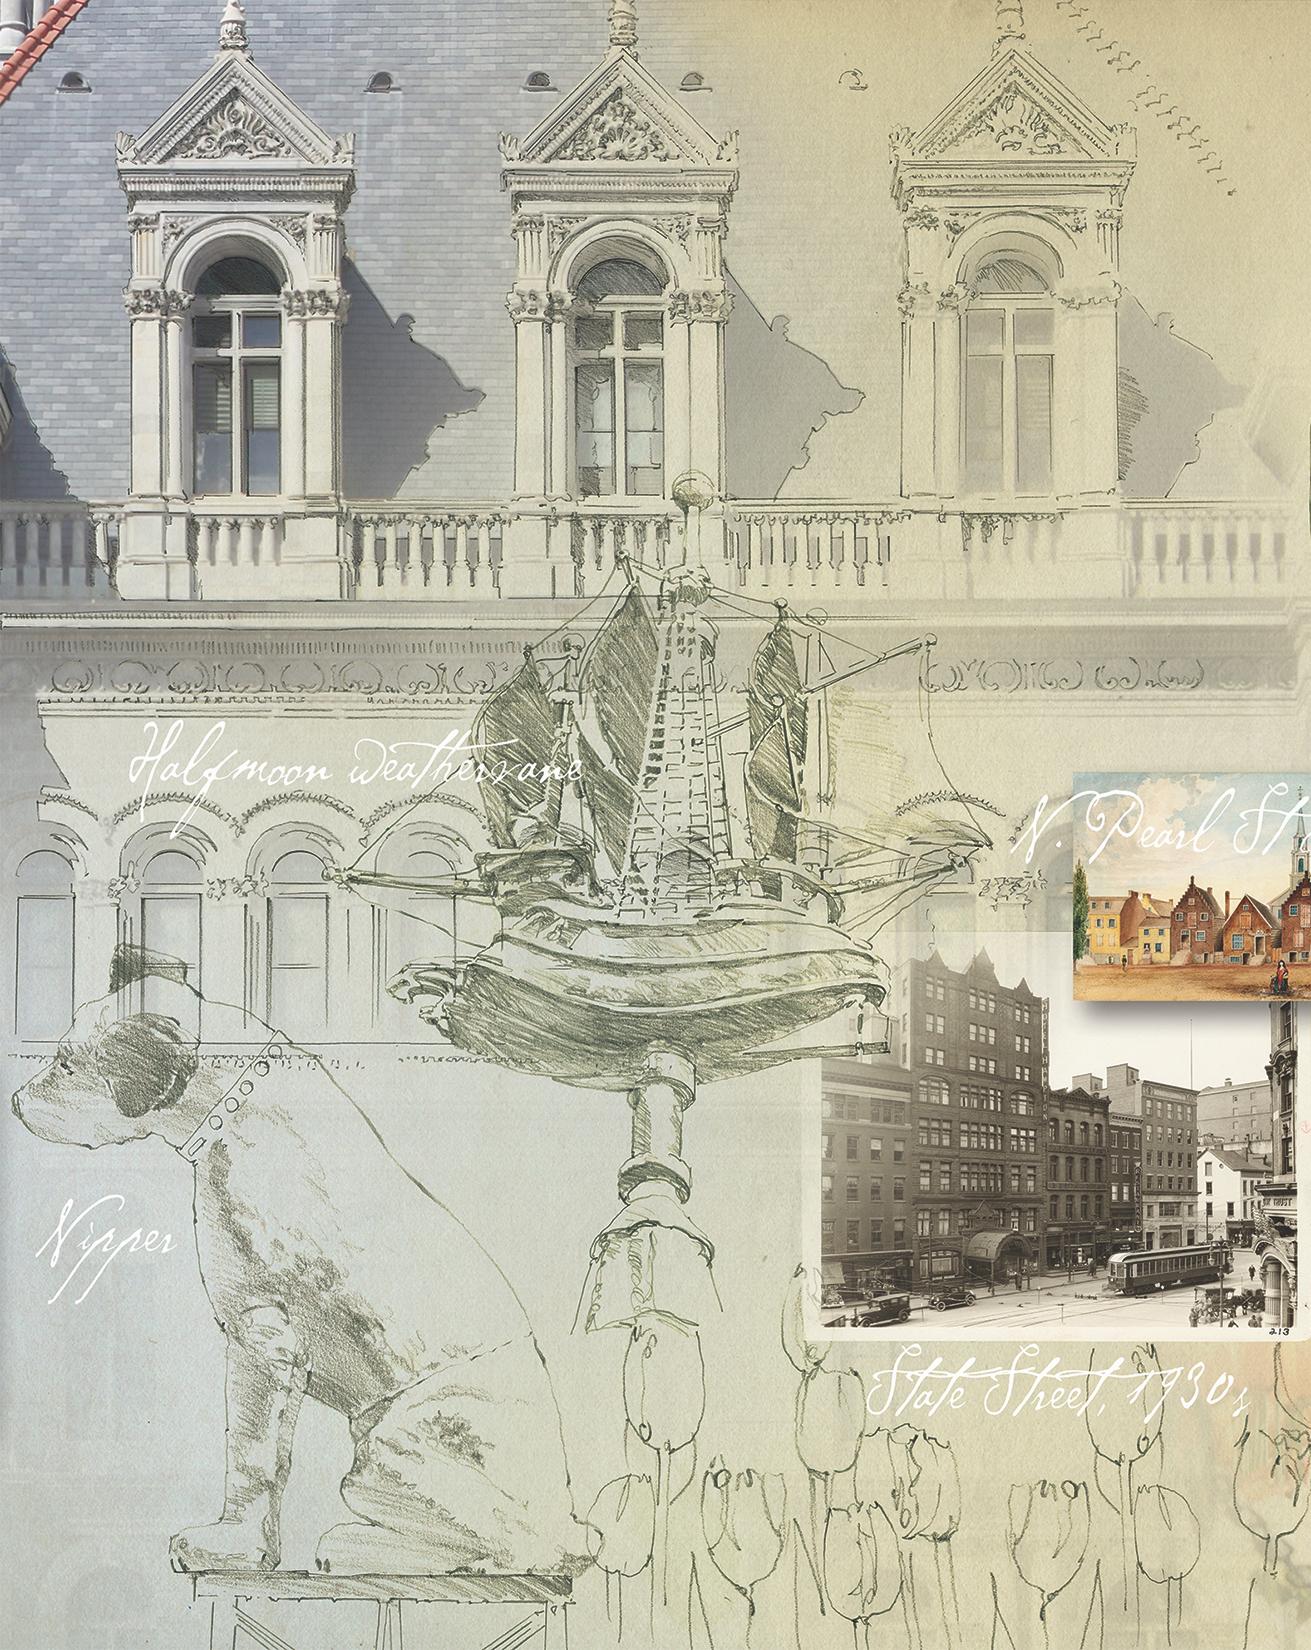 Albany-mural-detail3.jpg